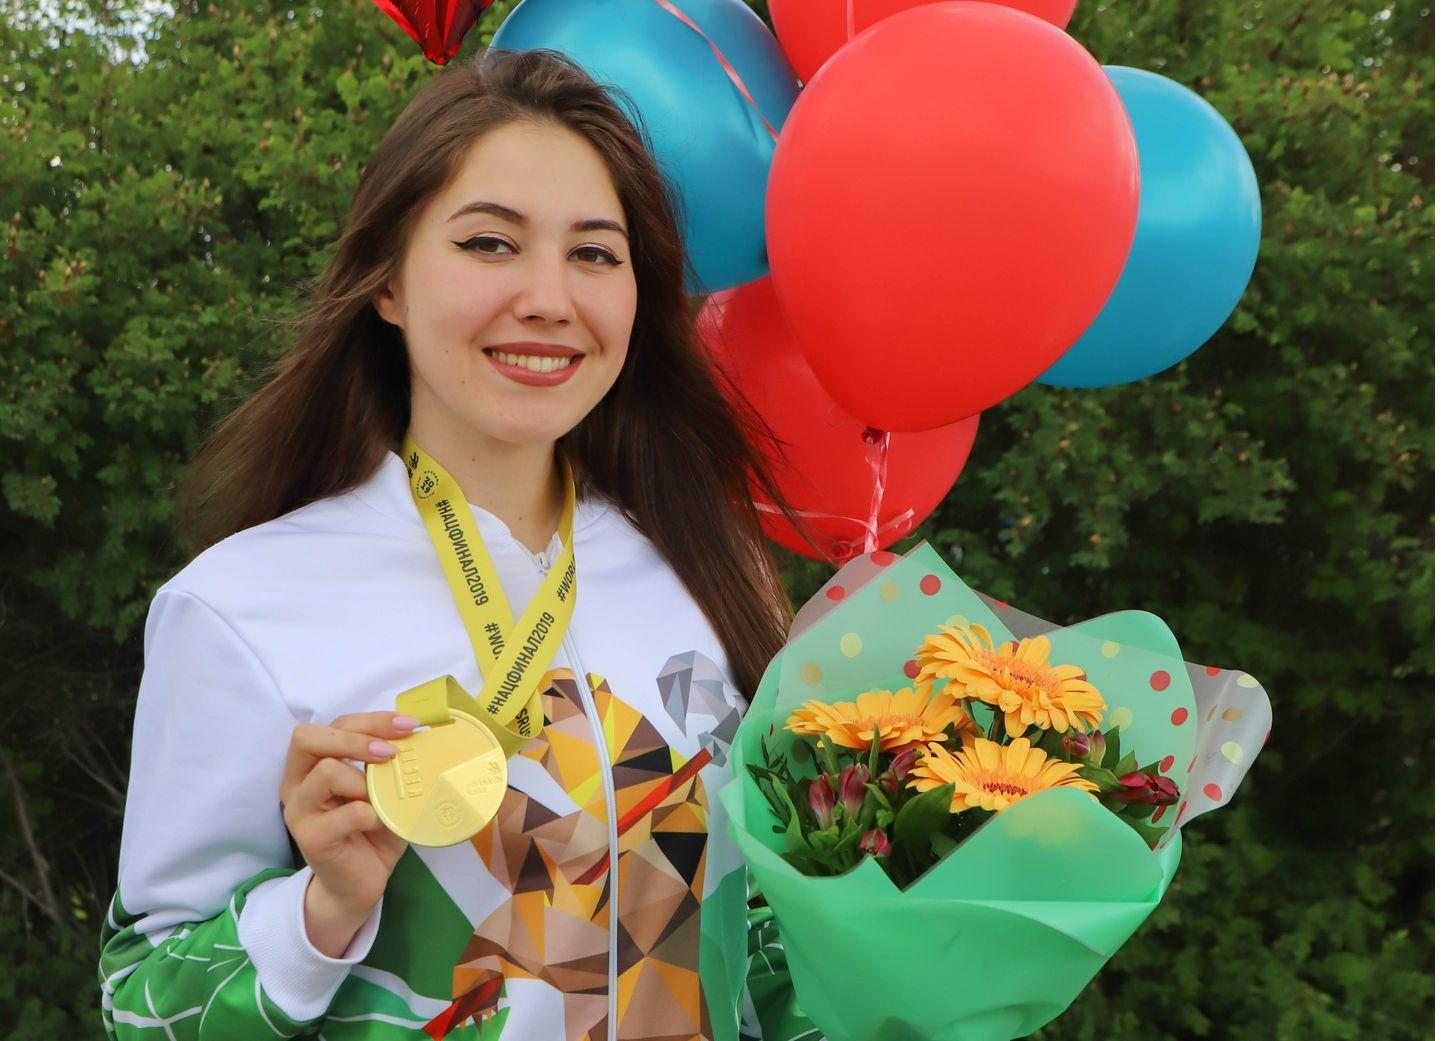 Дмитрий Миронов: ярославна победила в национальном чемпионате WorldSkills